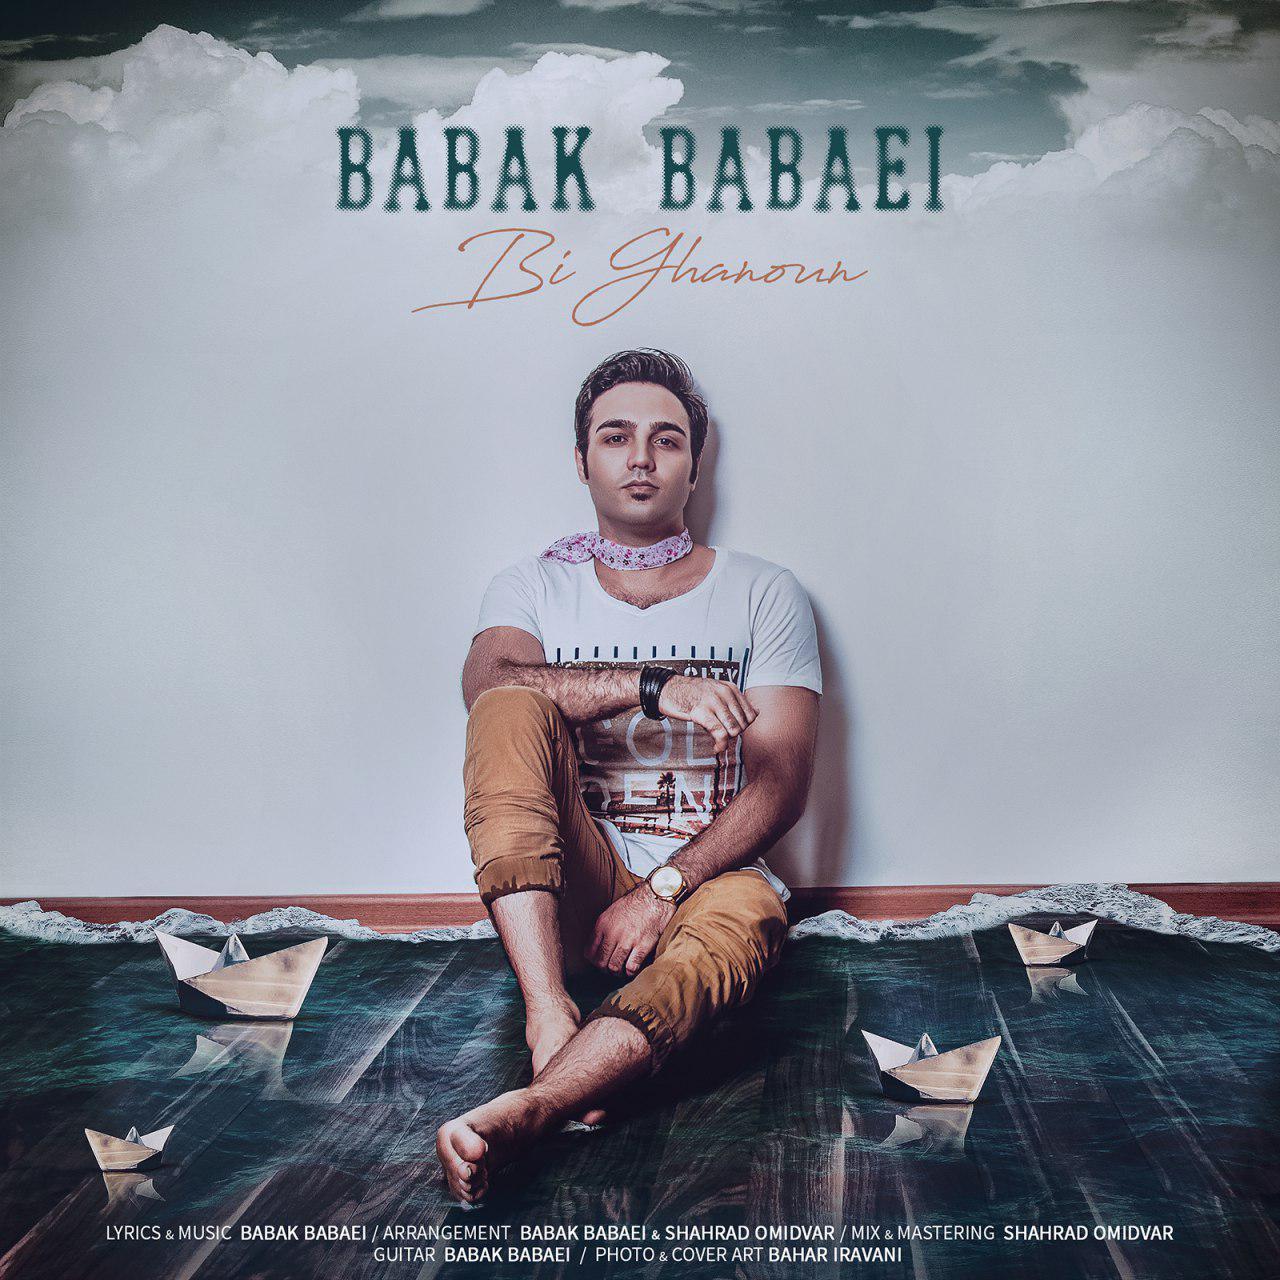 Babak Babaei – Bi Ghanoon